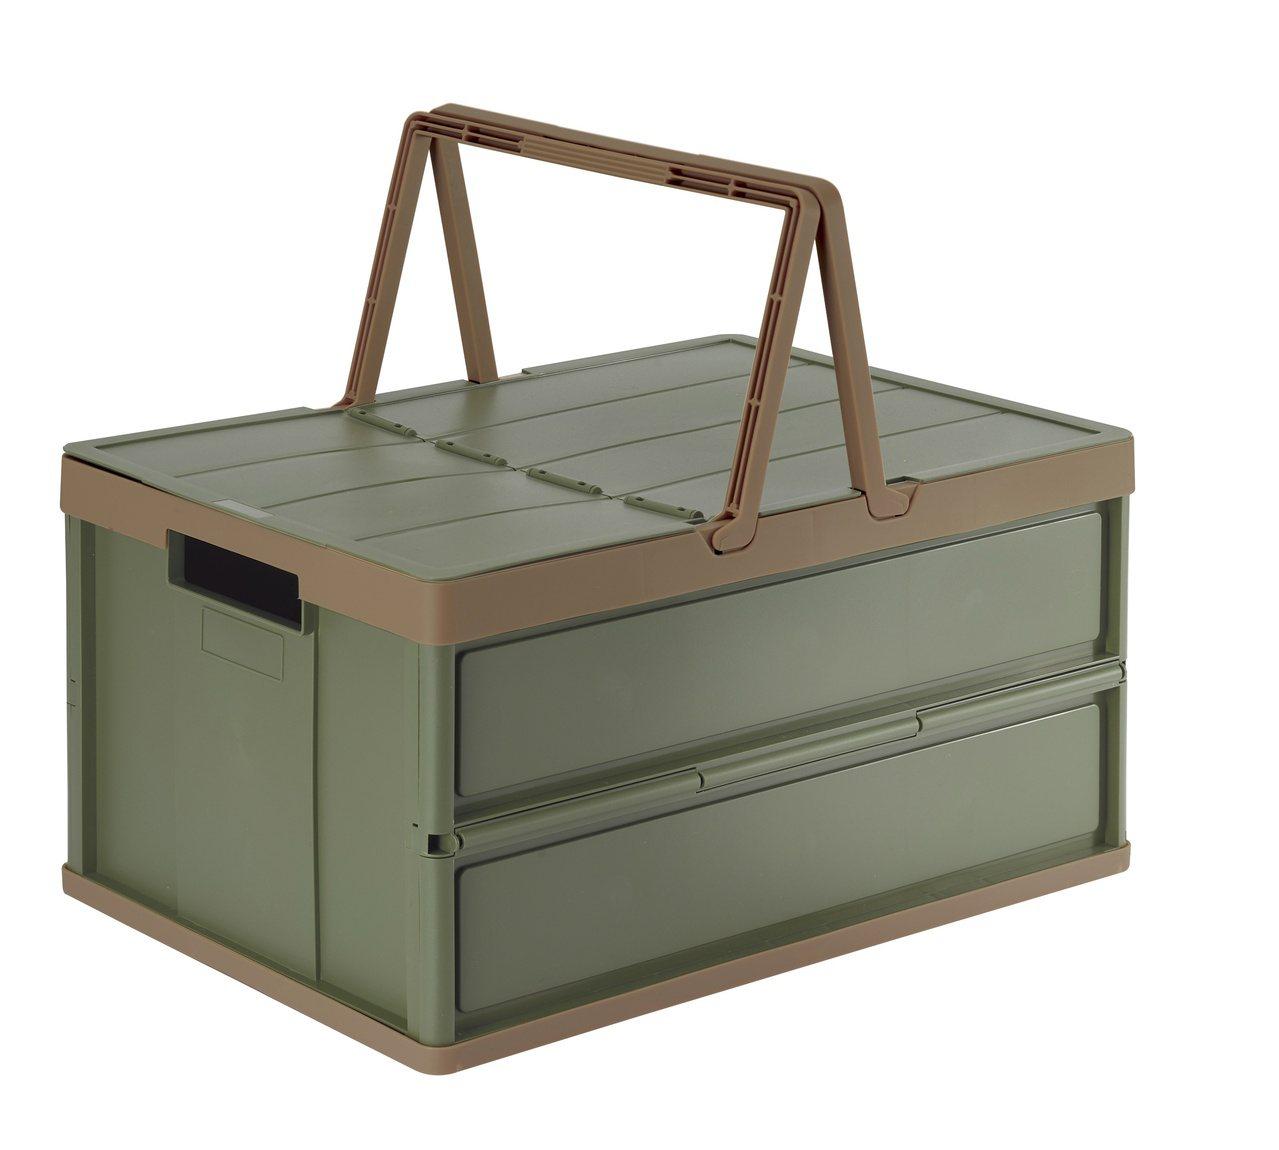 手提摺疊收納箱不論居家收納或外出野餐郊遊都適合。 圖/HOLA特力和樂提供